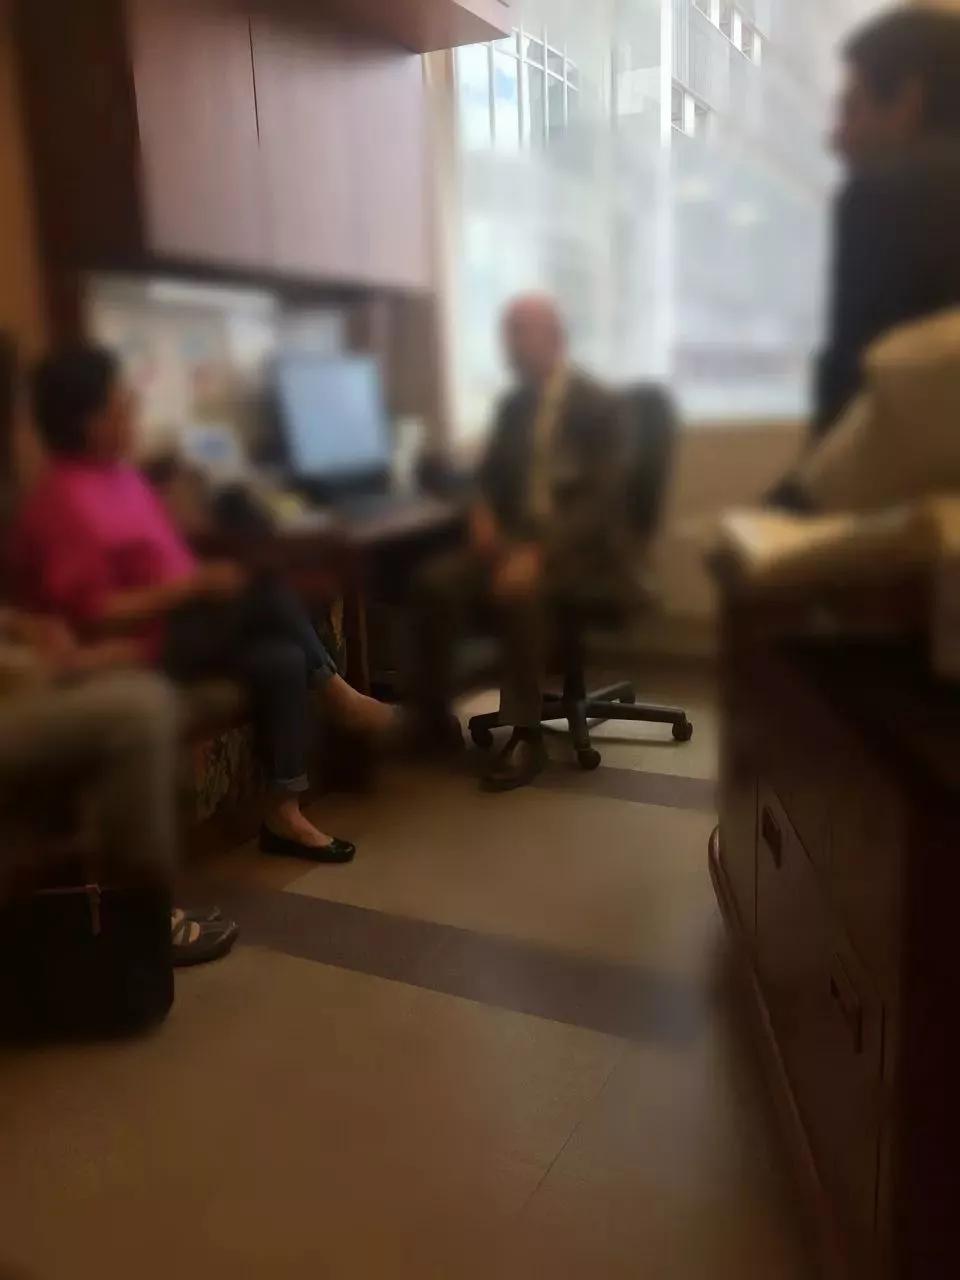 70岁老人抗癌5年,把生活过成了享受,你还有什么理由不坚强?.webp (2).jpg